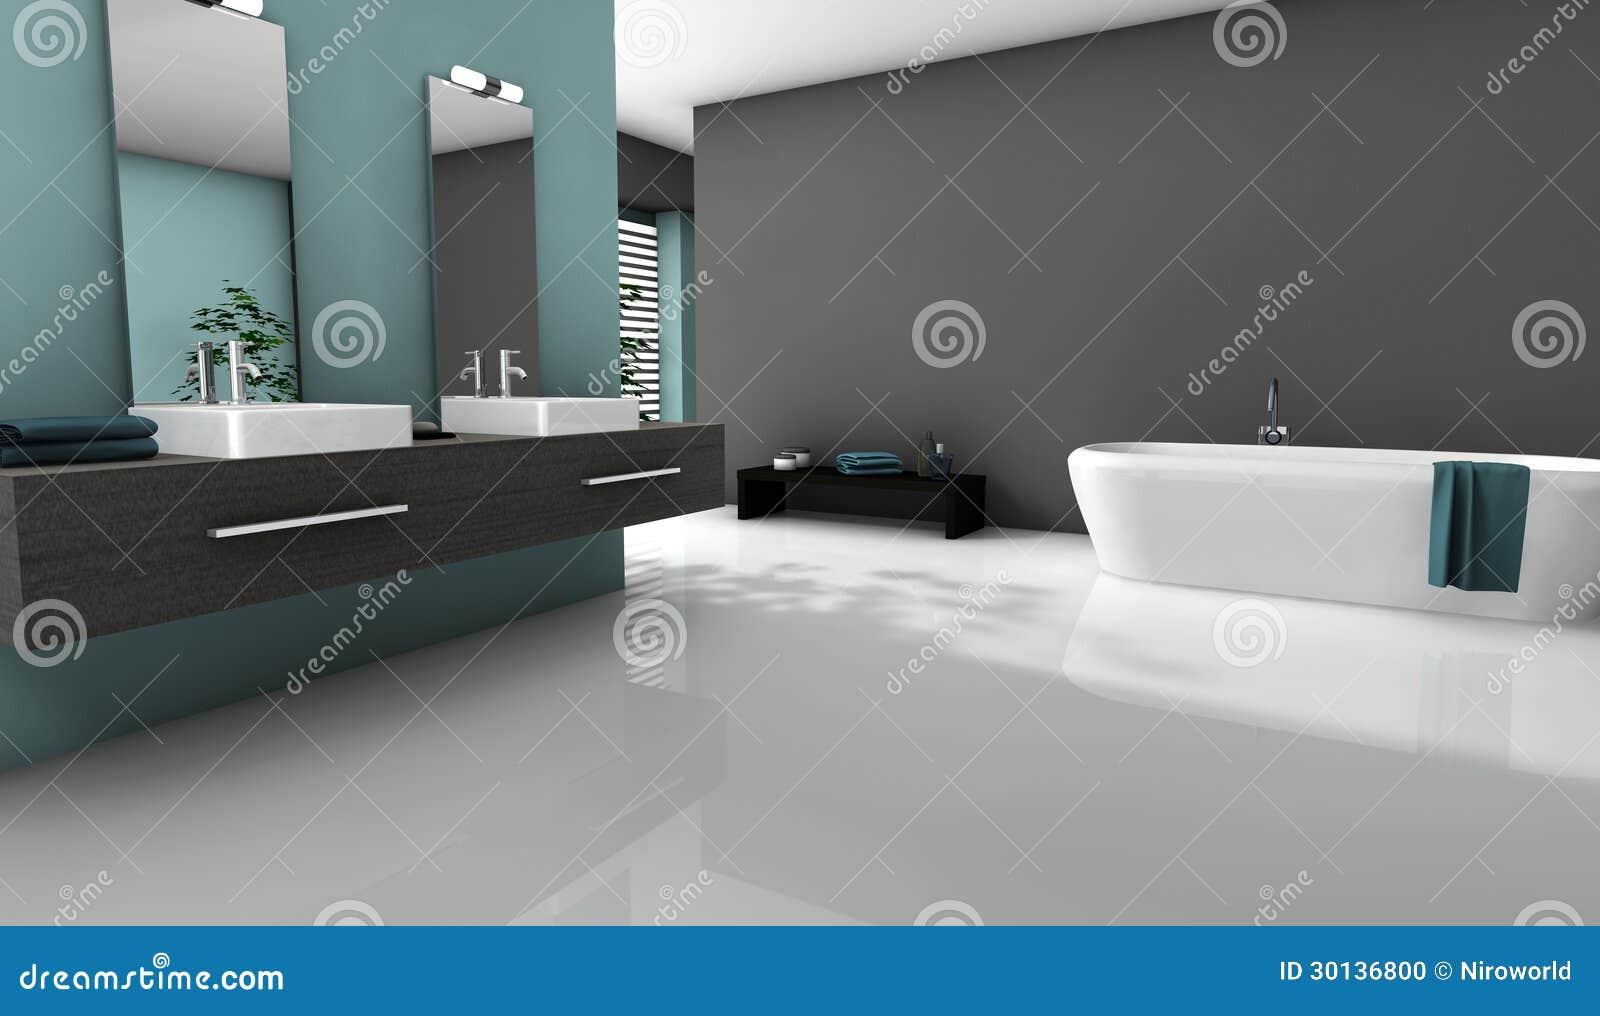 Dise o del hogar del cuarto de ba o foto de archivo for Todo el diseno del hogar